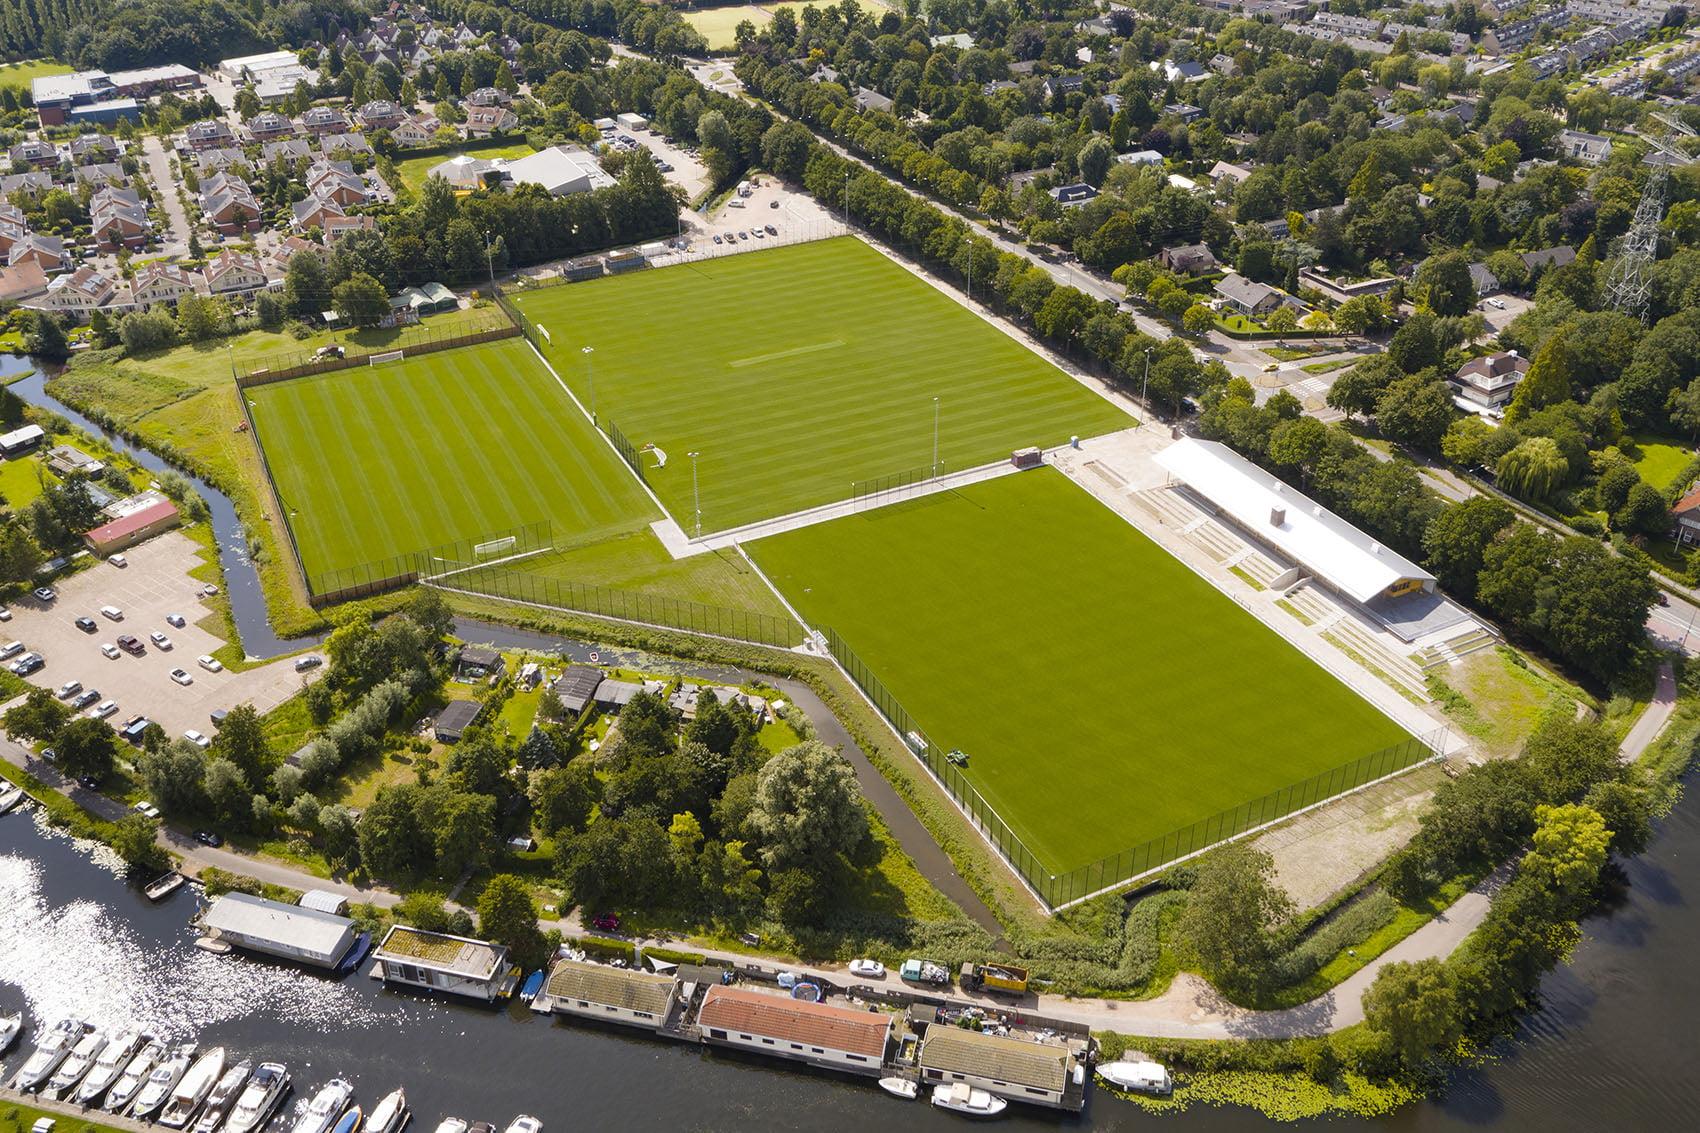 Luchtfoto's van voetbalvelden